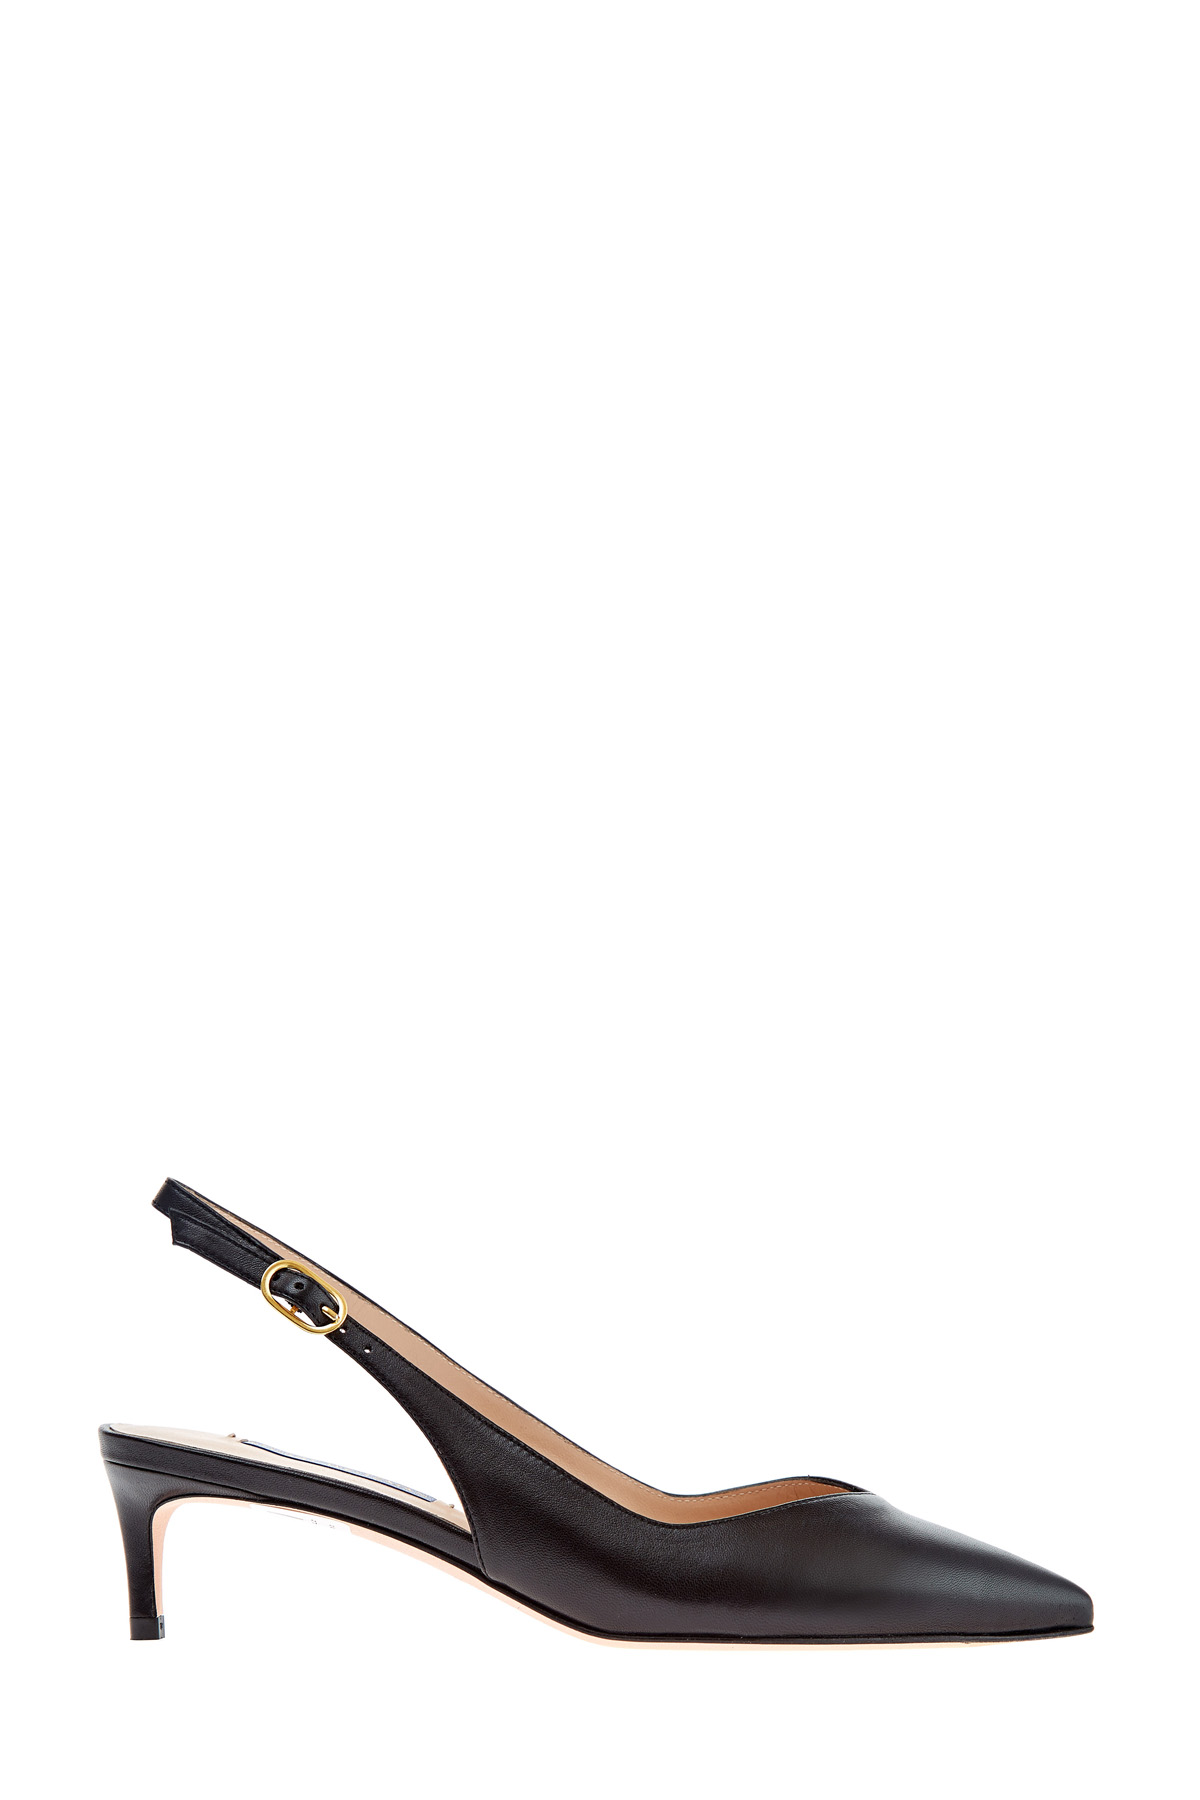 Классические туфли на каблуке Kitten Heel из мелкозернистой кожи фото